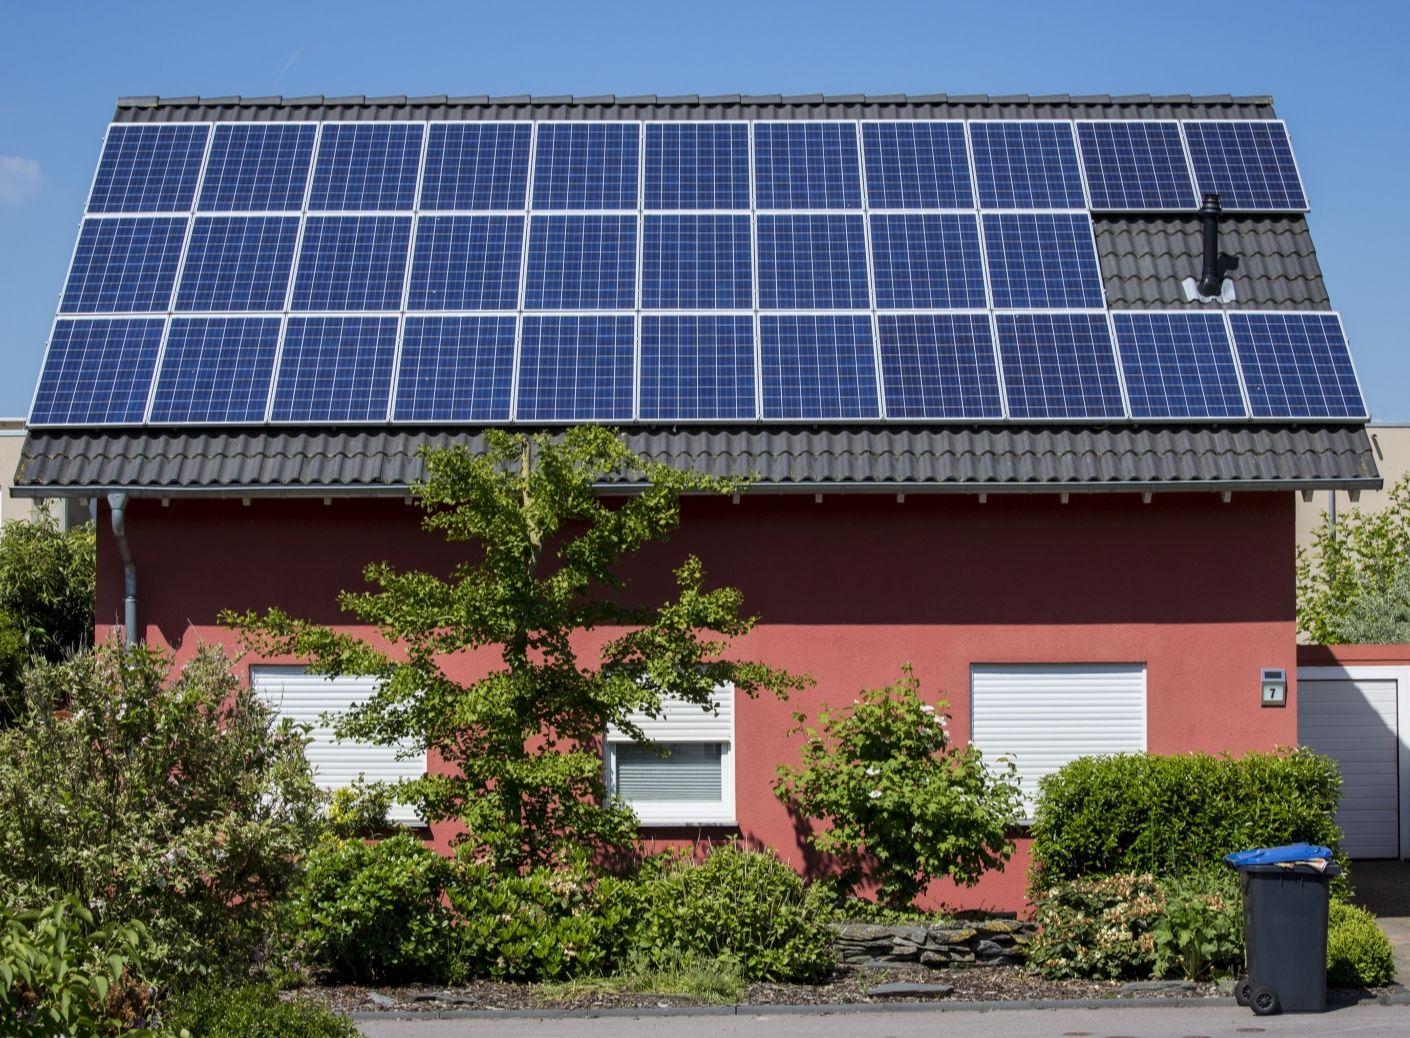 Kleines Wohnhaus mit Photovoltaikanlage auf dem Dach